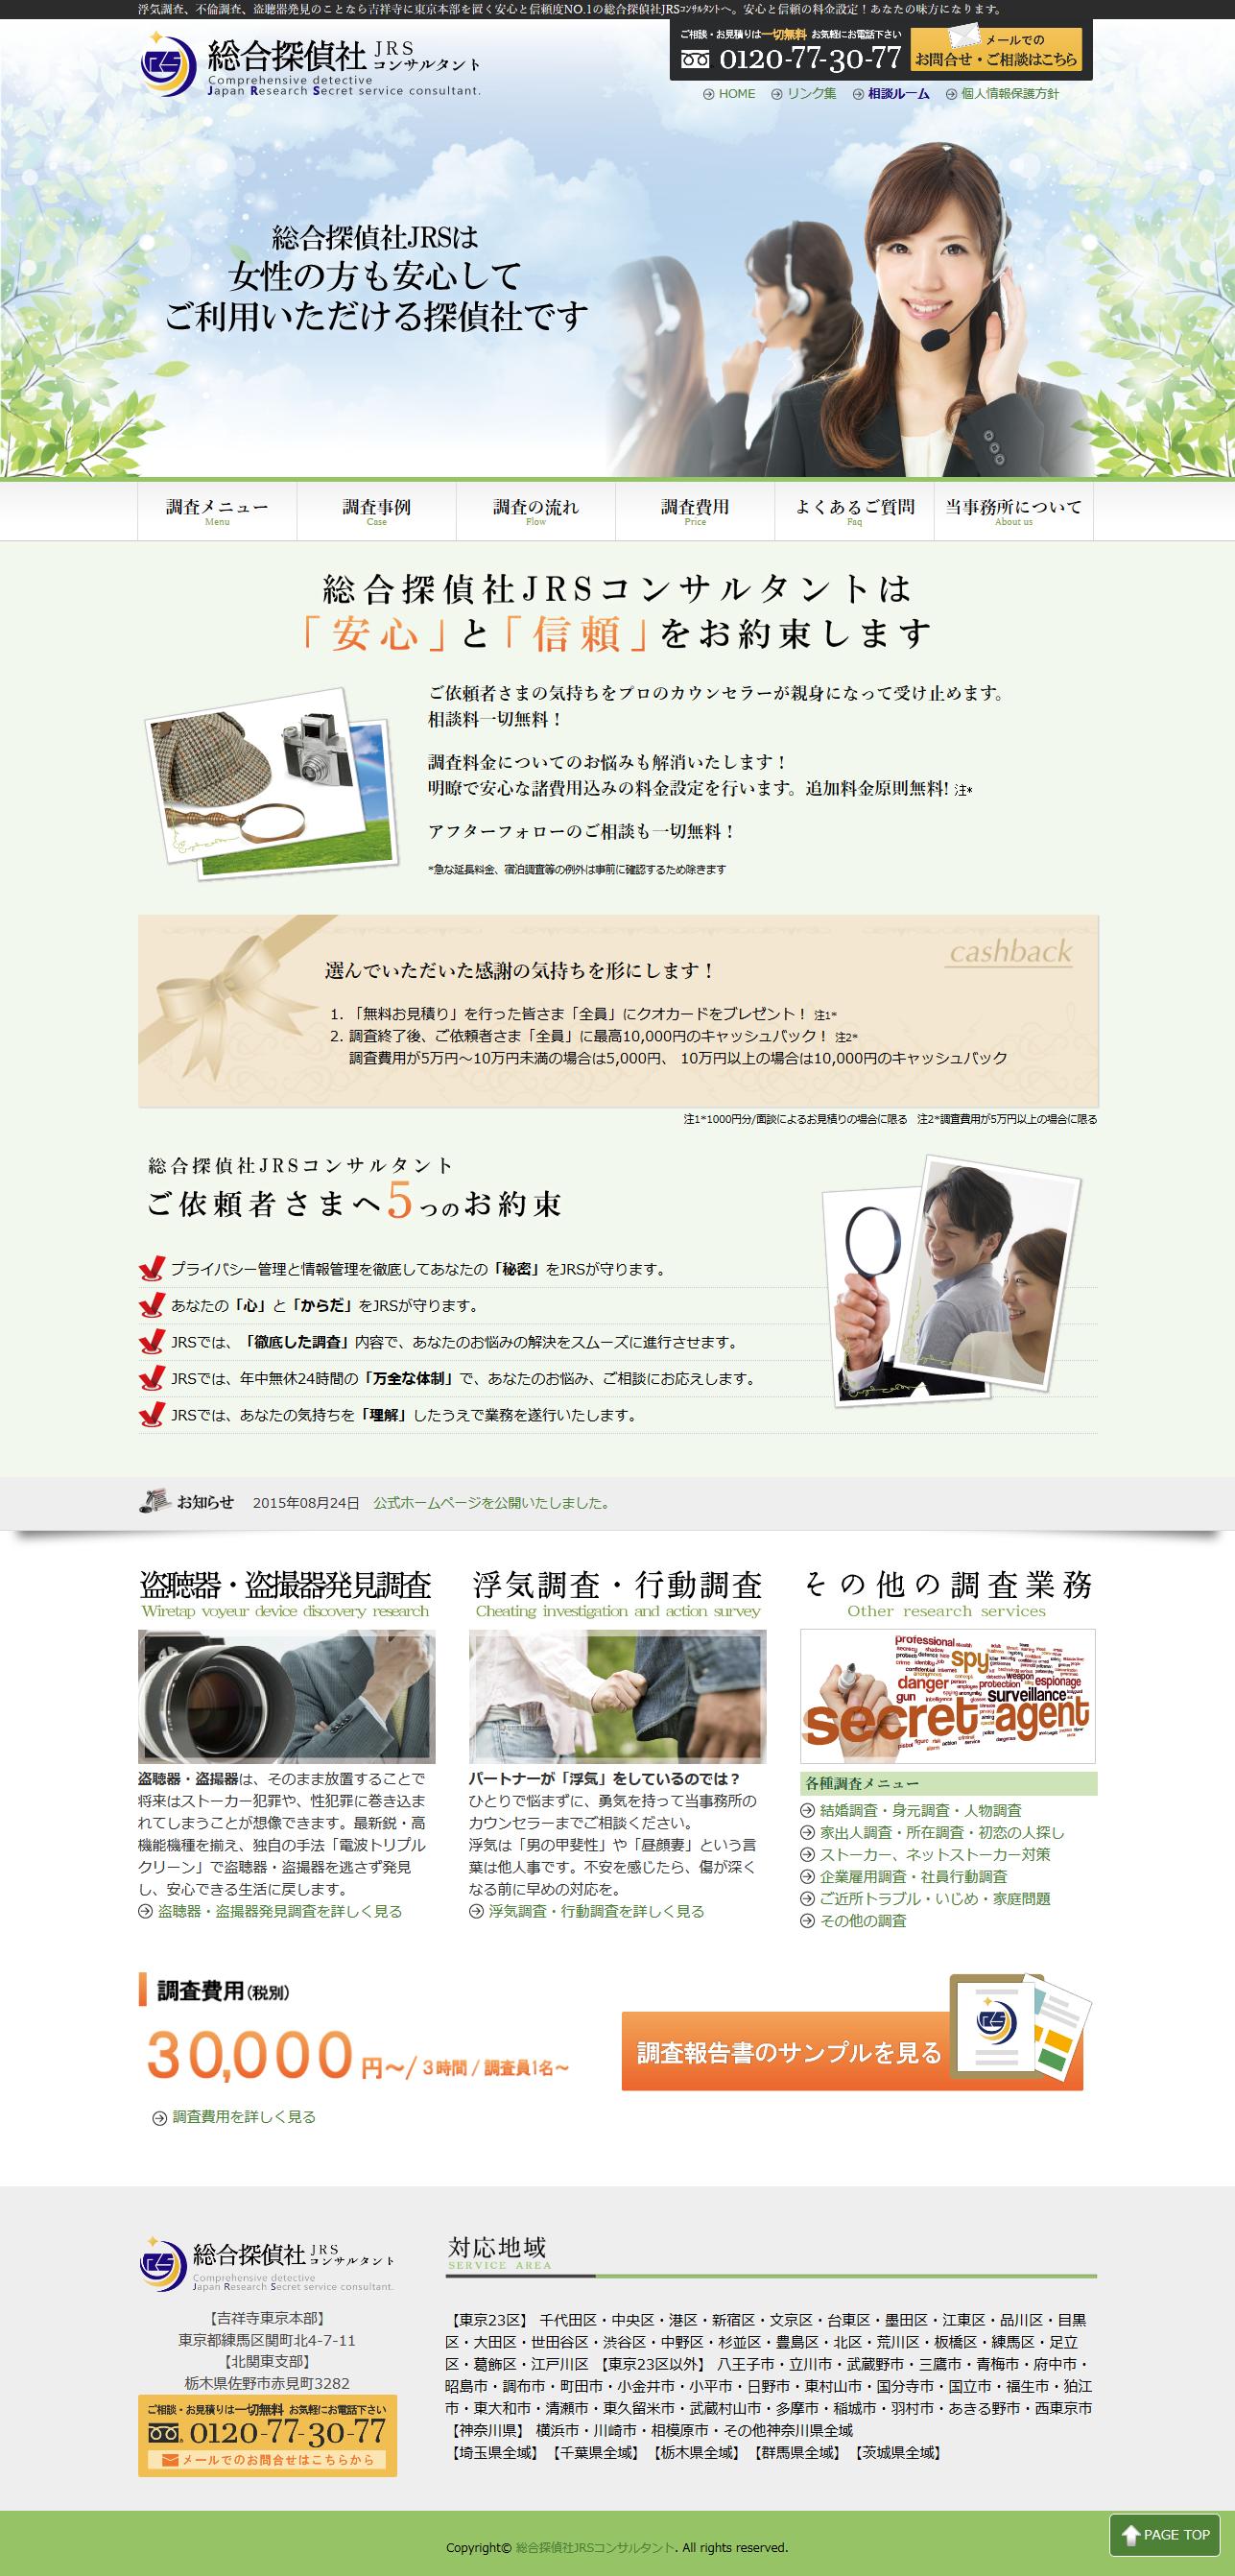 総合探偵社JRSコンサルタントさまのトップページ